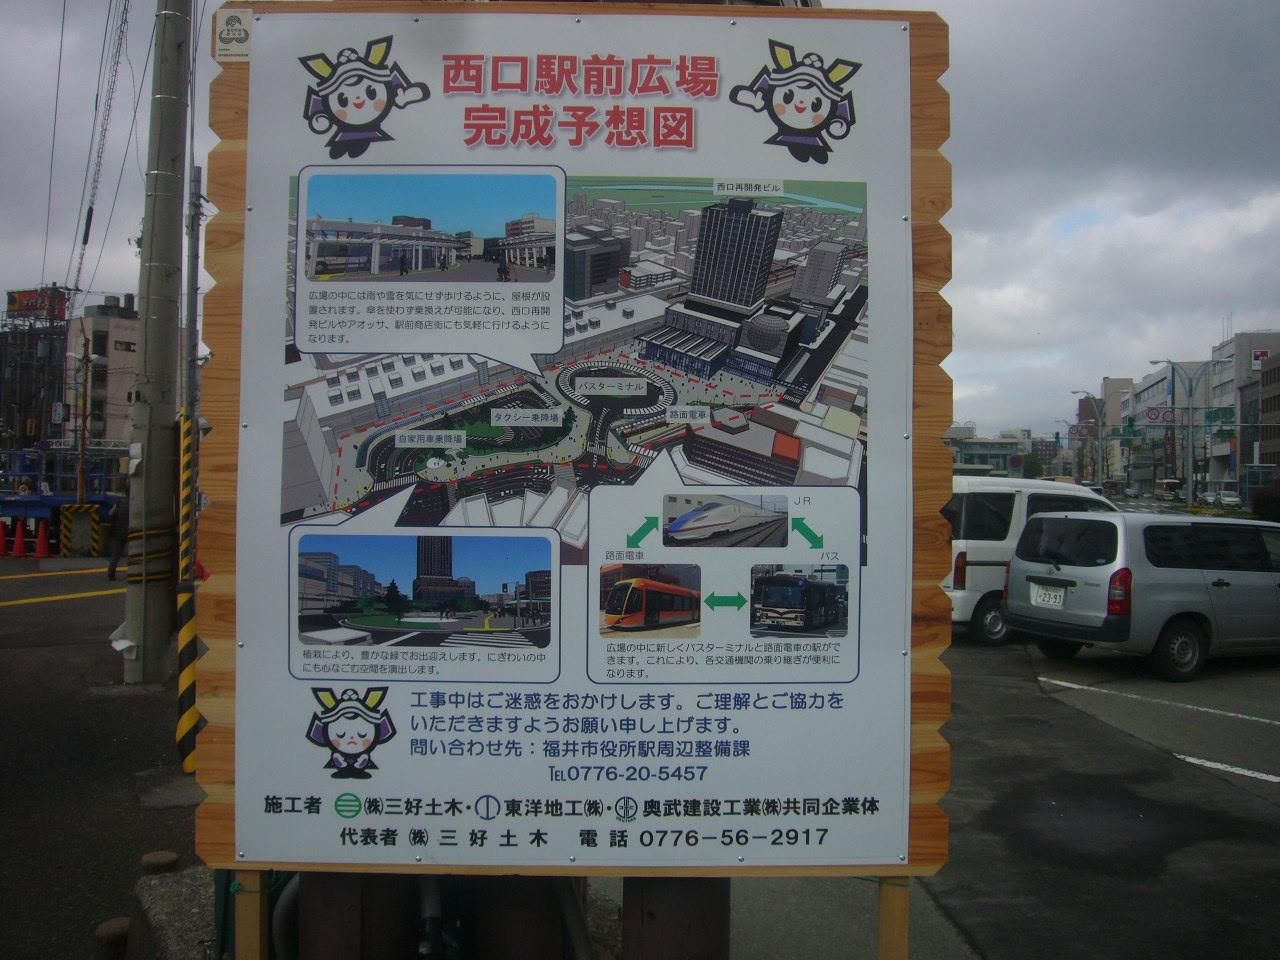 福井西口再開発看板 H27.4.11